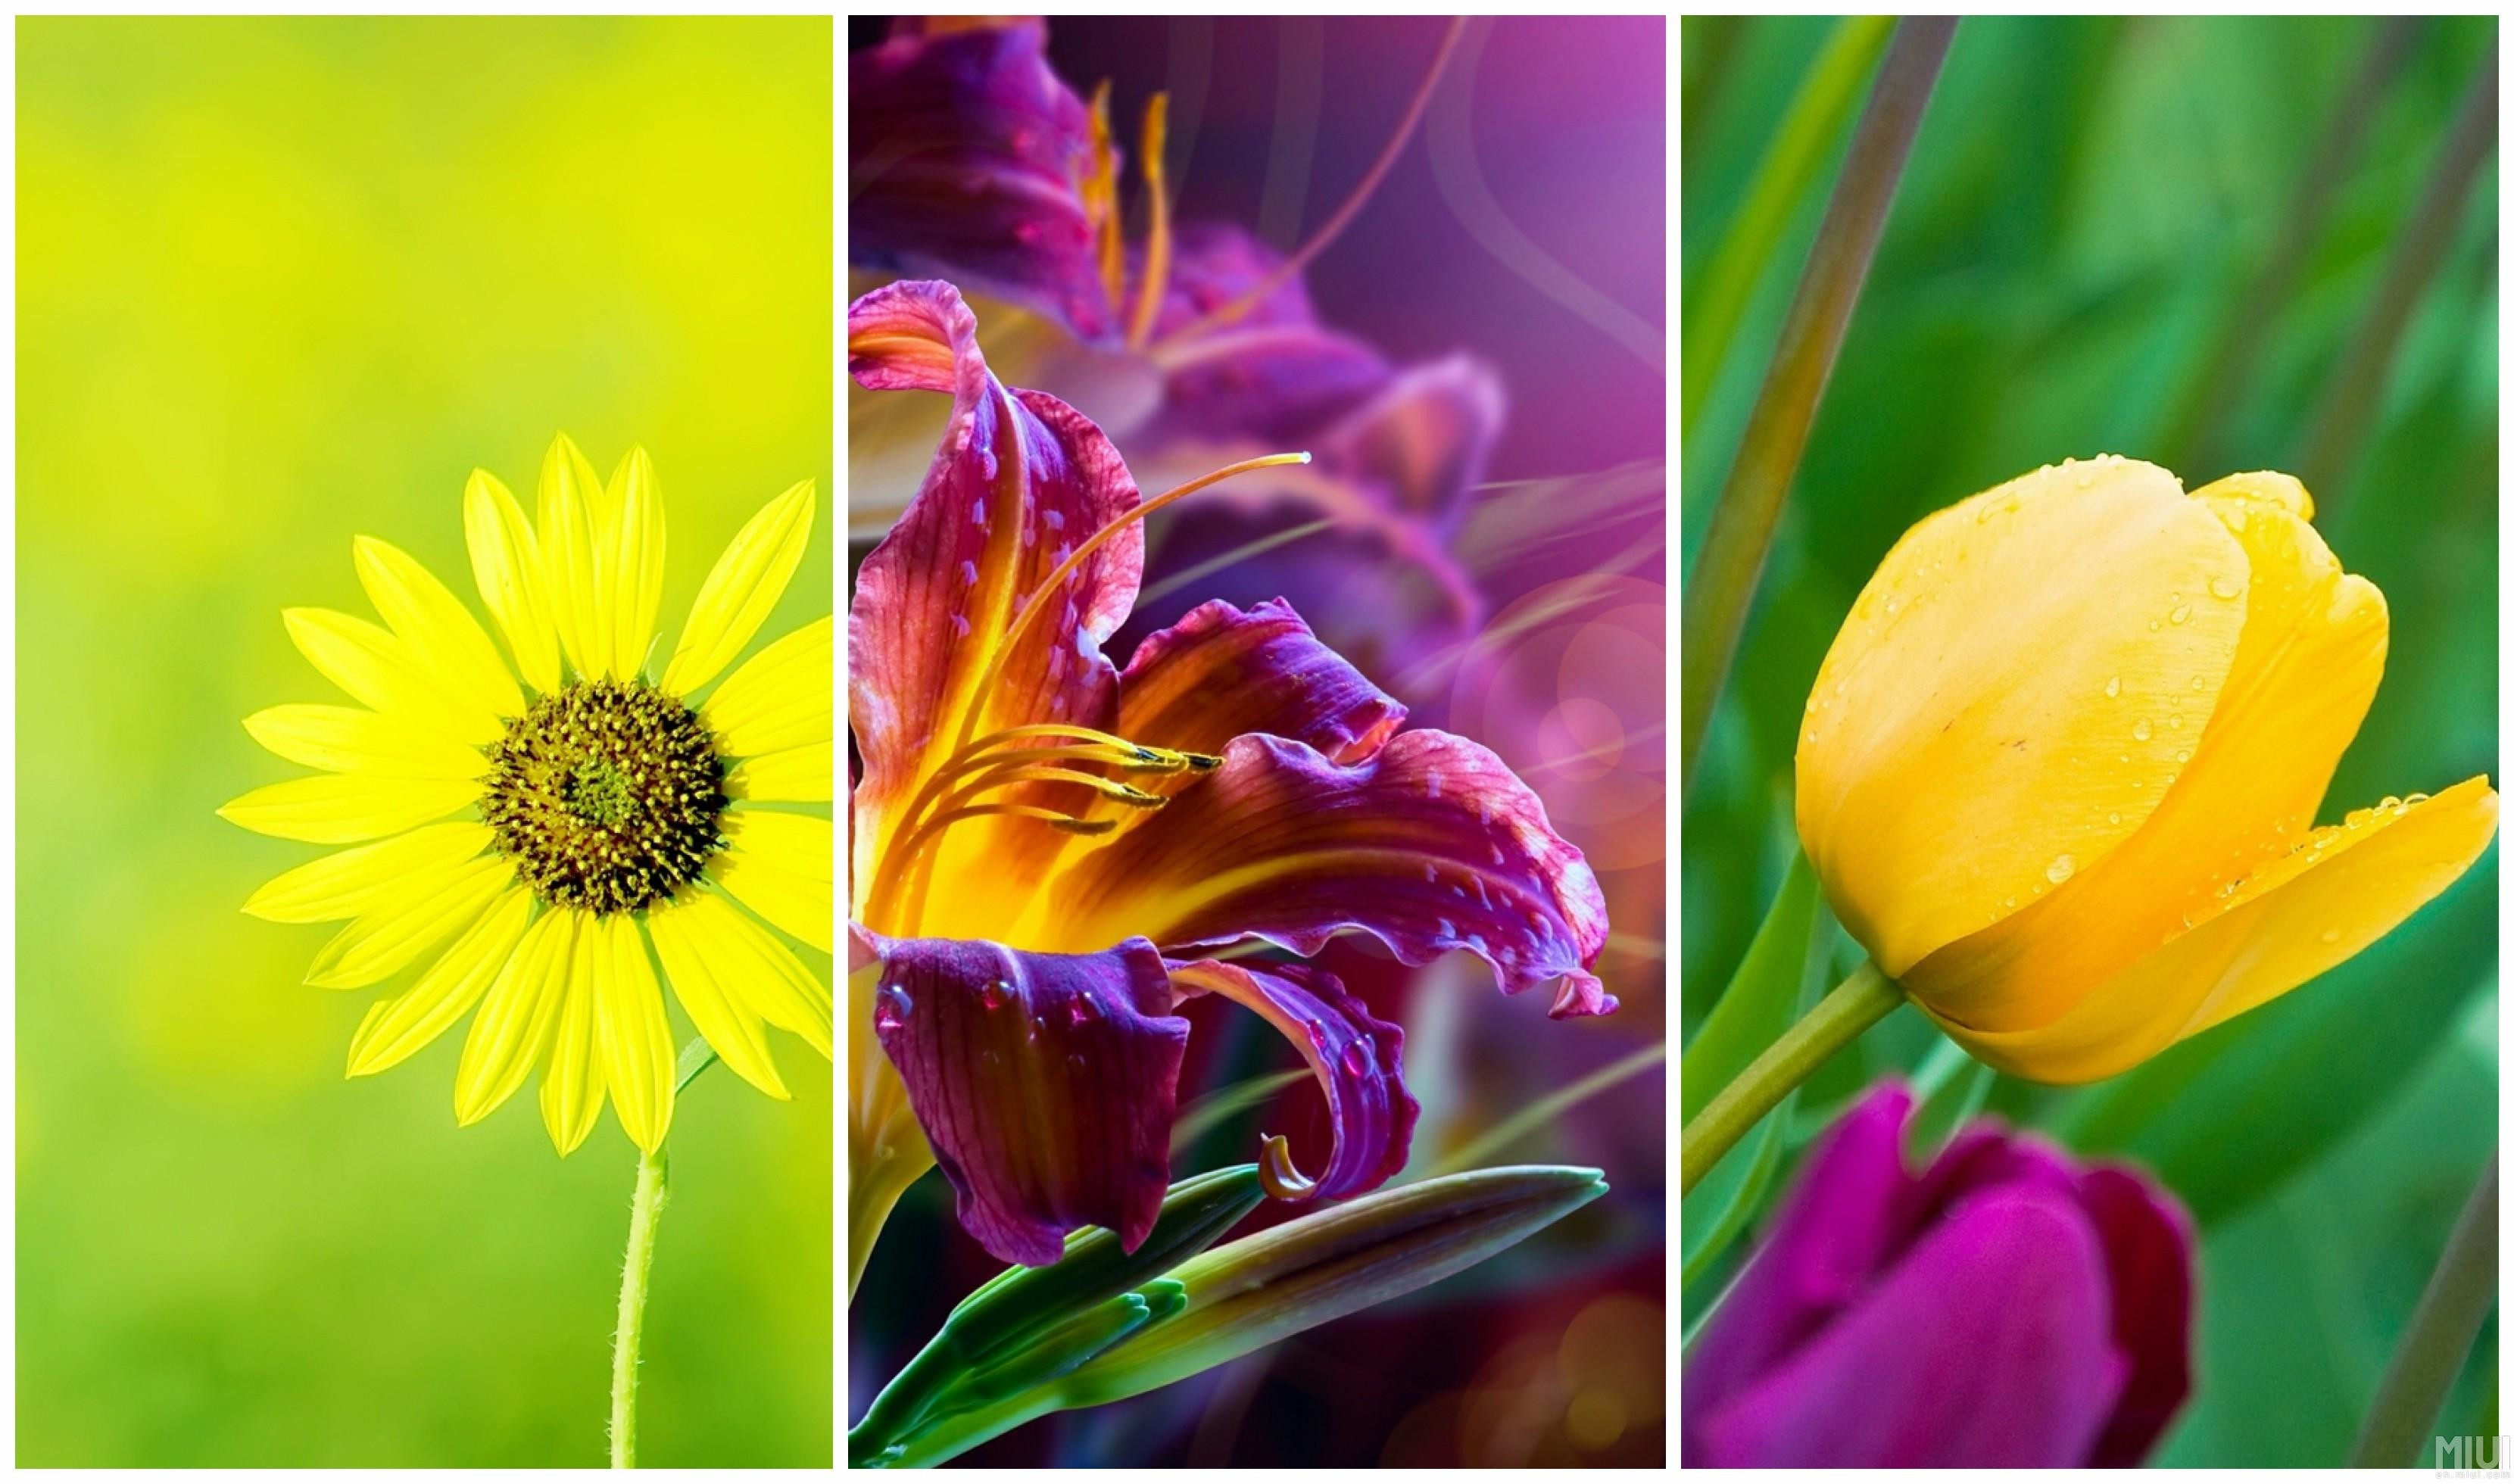 Full Hd Flower Wallpaper For Mobile - Full Screen Flower Wallpaper Hd - HD Wallpaper